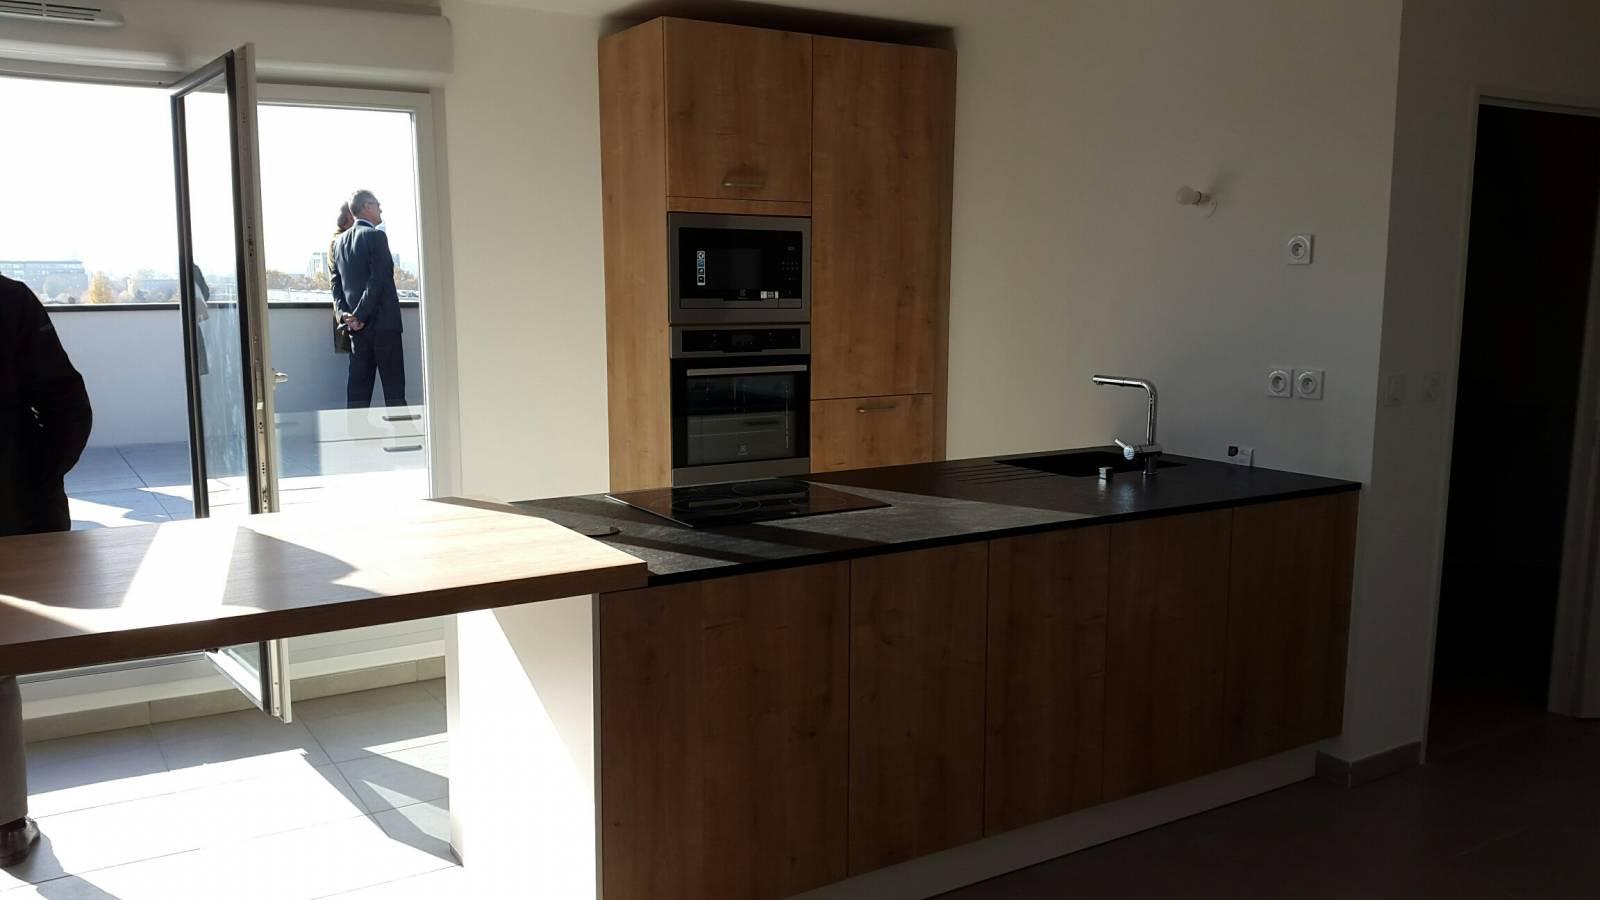 cuisine sur mesure haut de gamme a lyon 69007 lyon adc cuisine. Black Bedroom Furniture Sets. Home Design Ideas